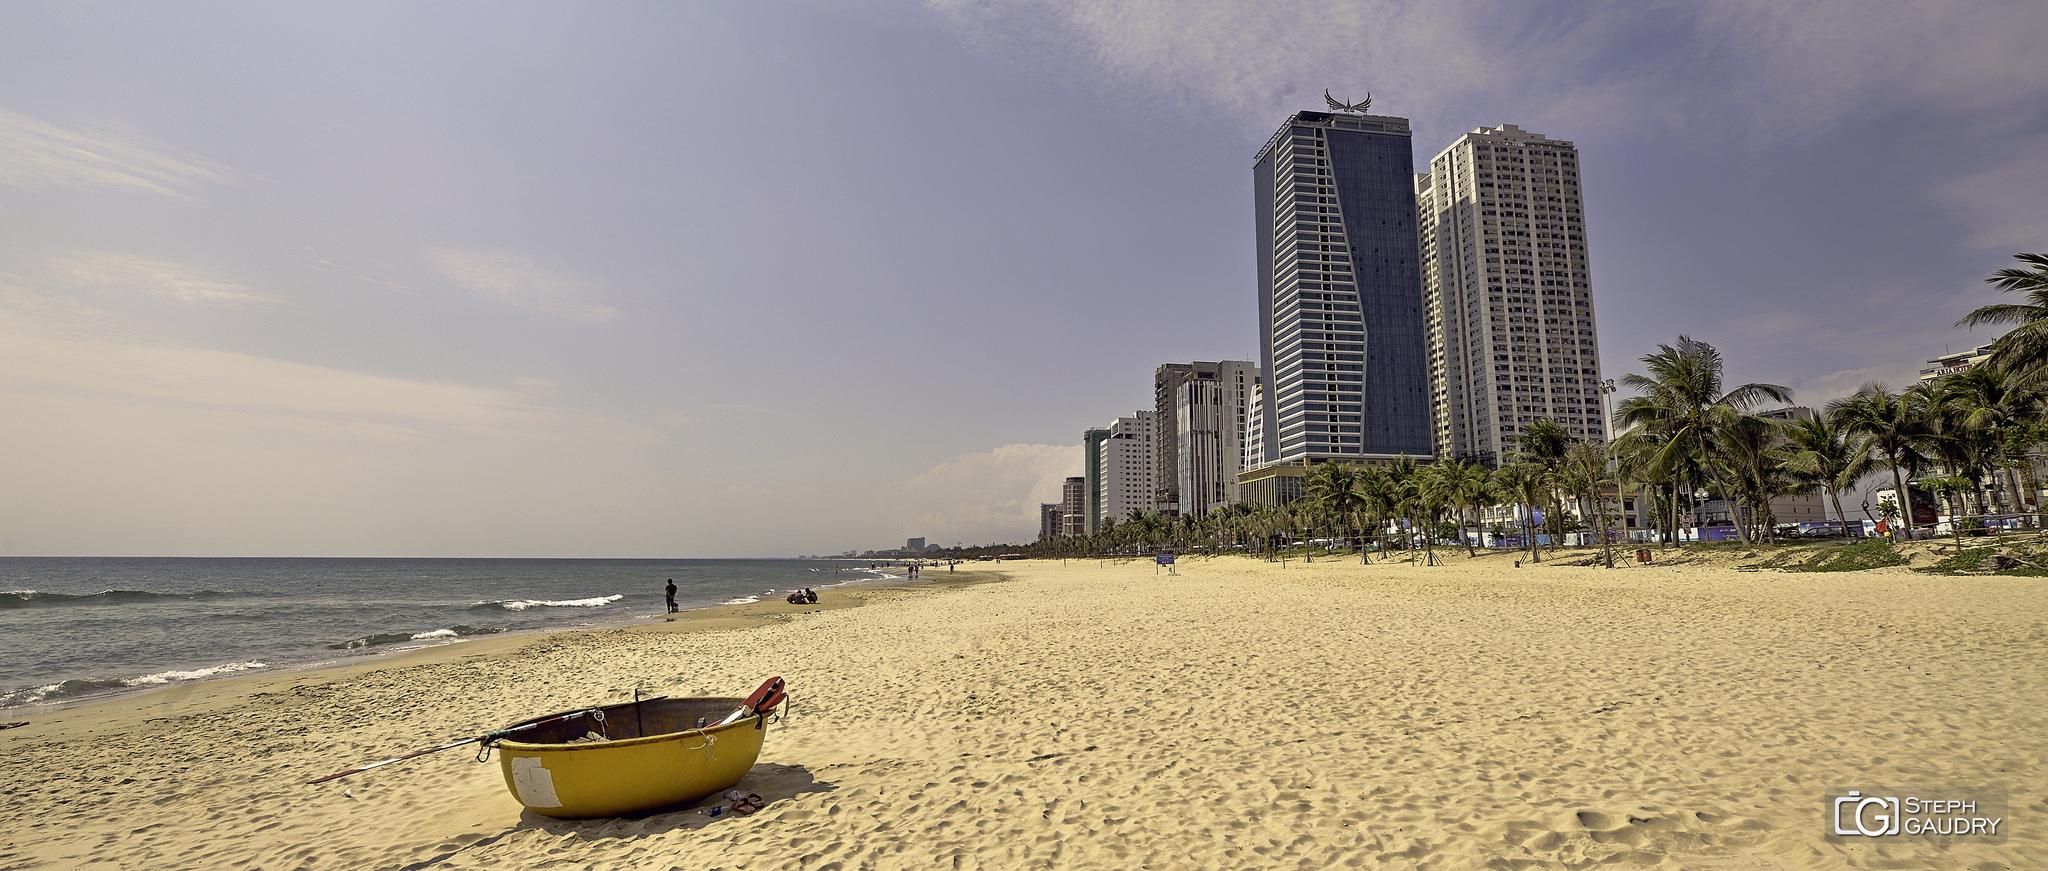 La plage de Da Nang [Klik om de diavoorstelling te starten]